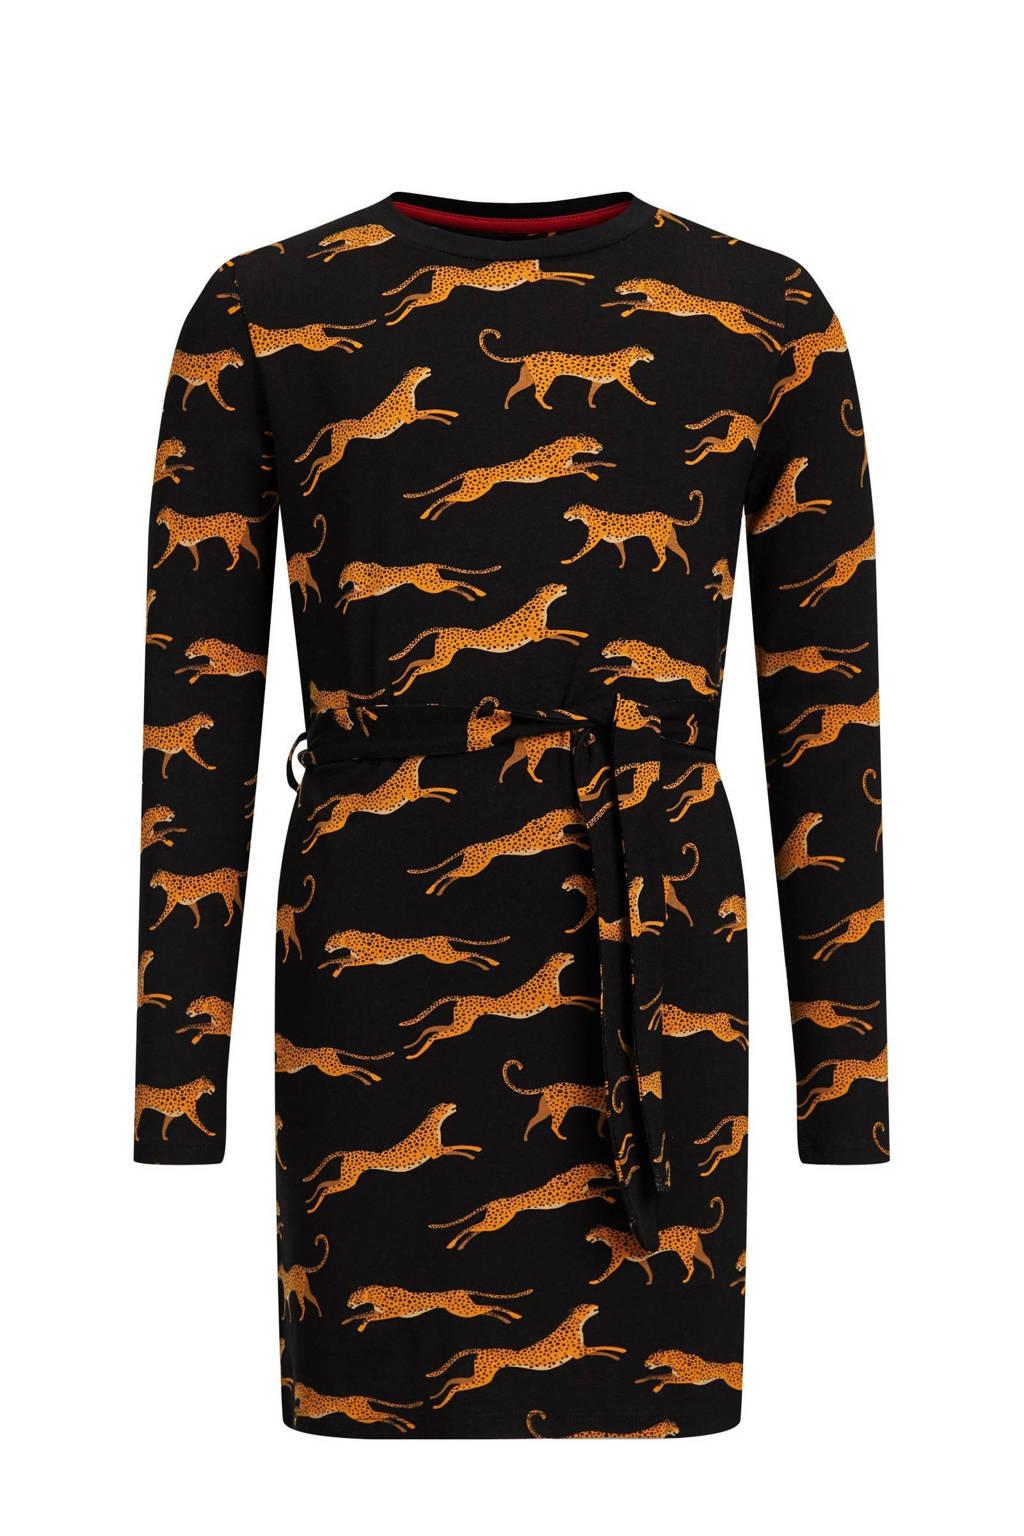 WE Fashion sweatjurk met dierenprint zwart, Zwart